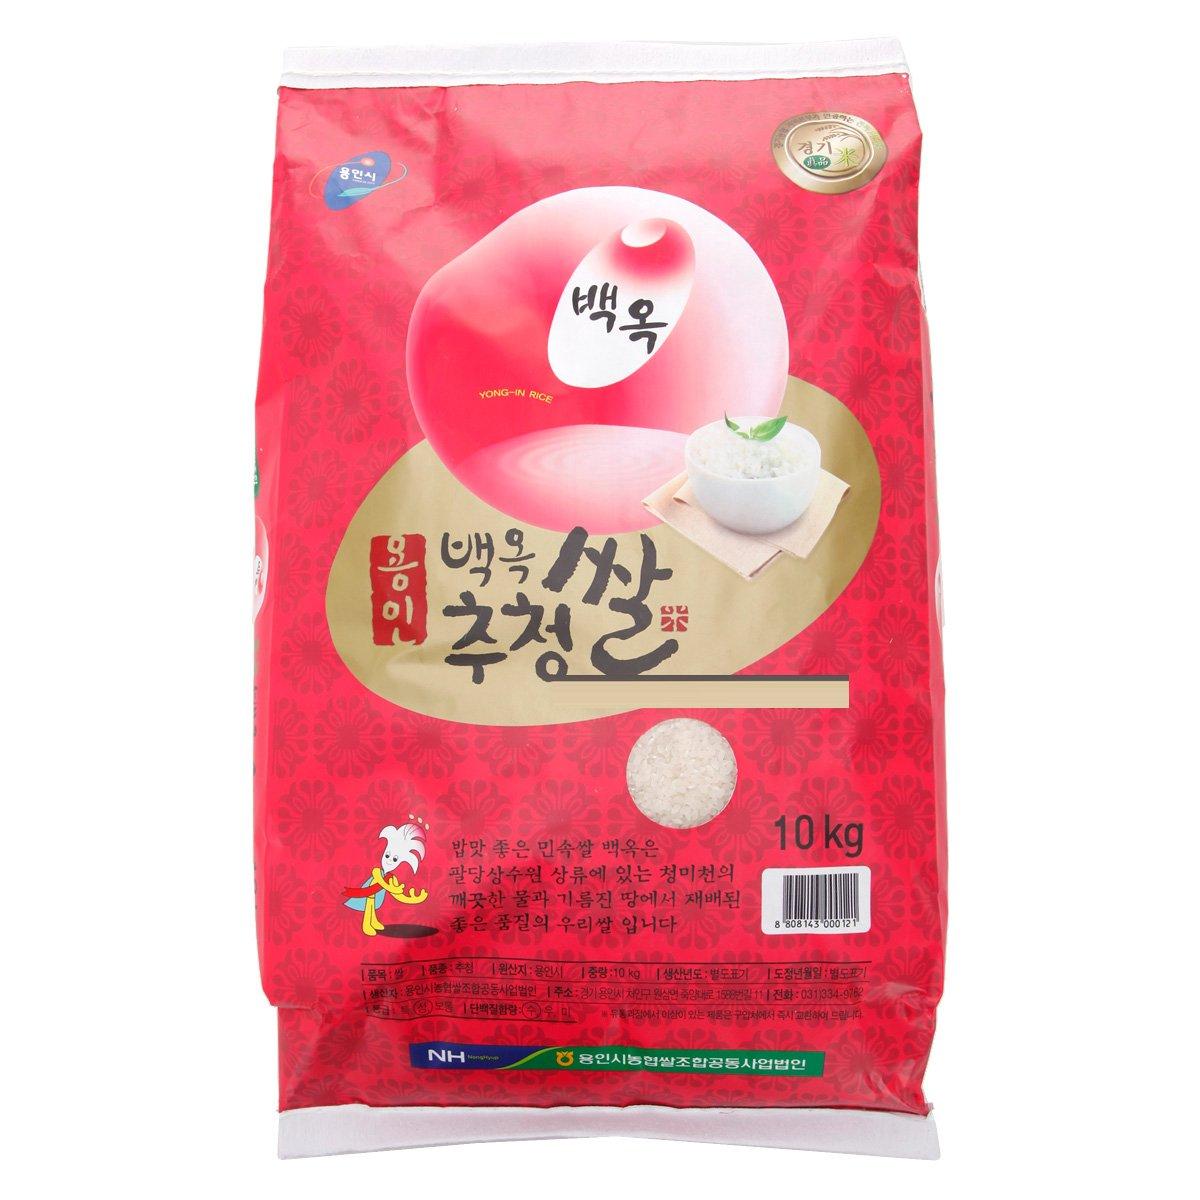 [20년산] 용인 백옥 추청쌀 10kg